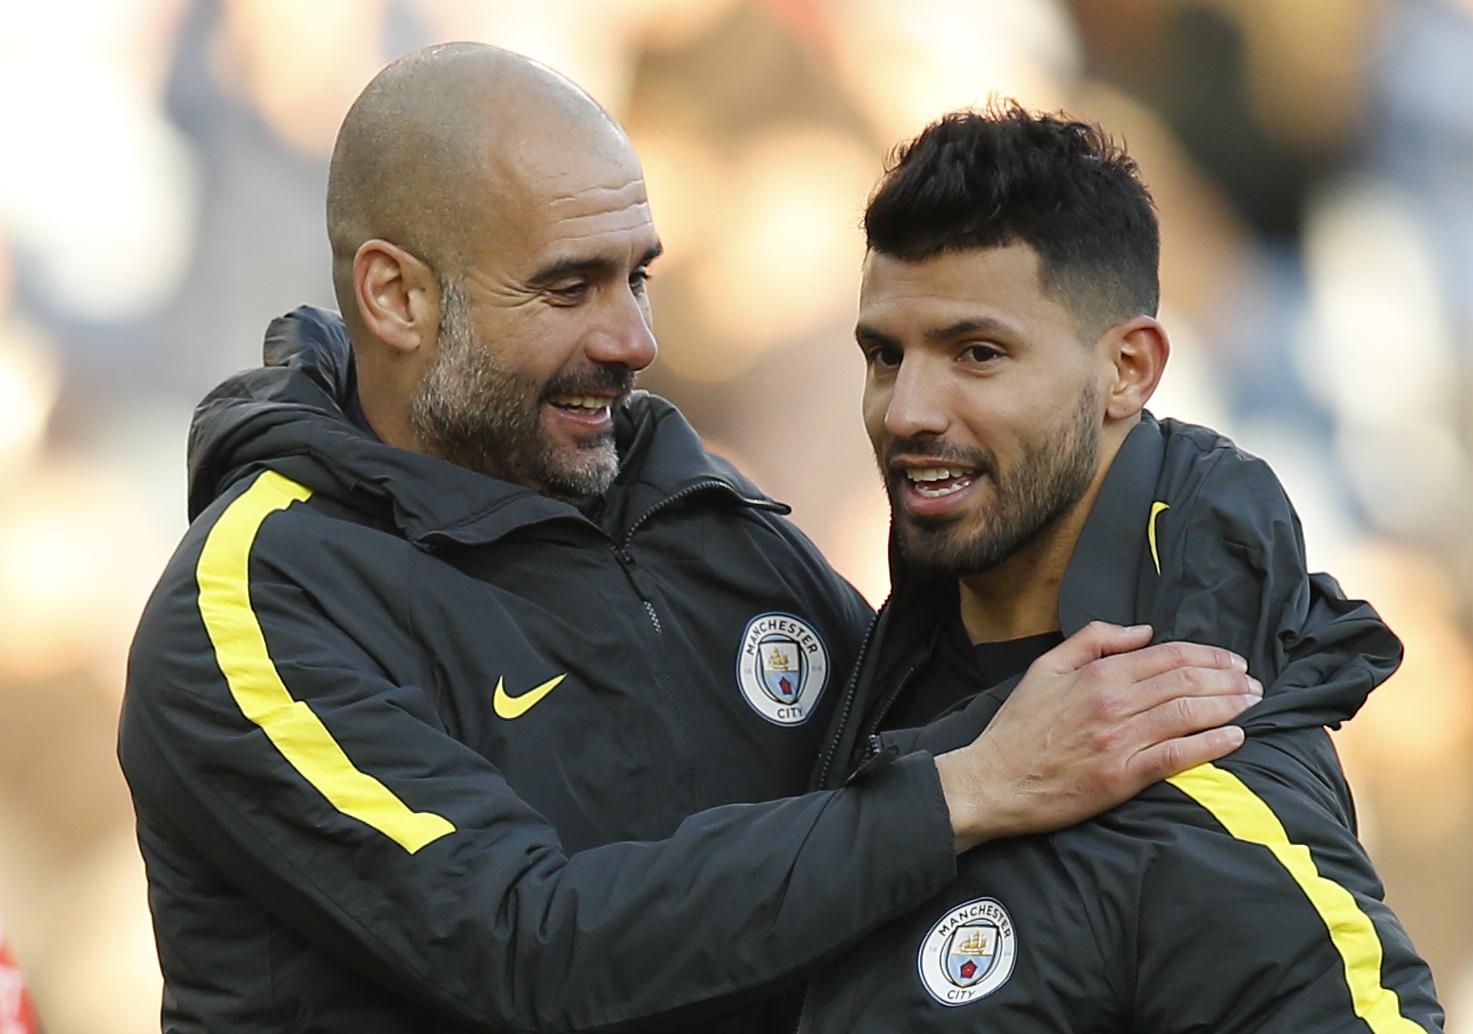 Dưới trướng Guardiola, Aguero tiến bộ vượt bậc về tư duy chơi bóng, trở thành một tiền đạo toàn diện. Ảnh: Reuters